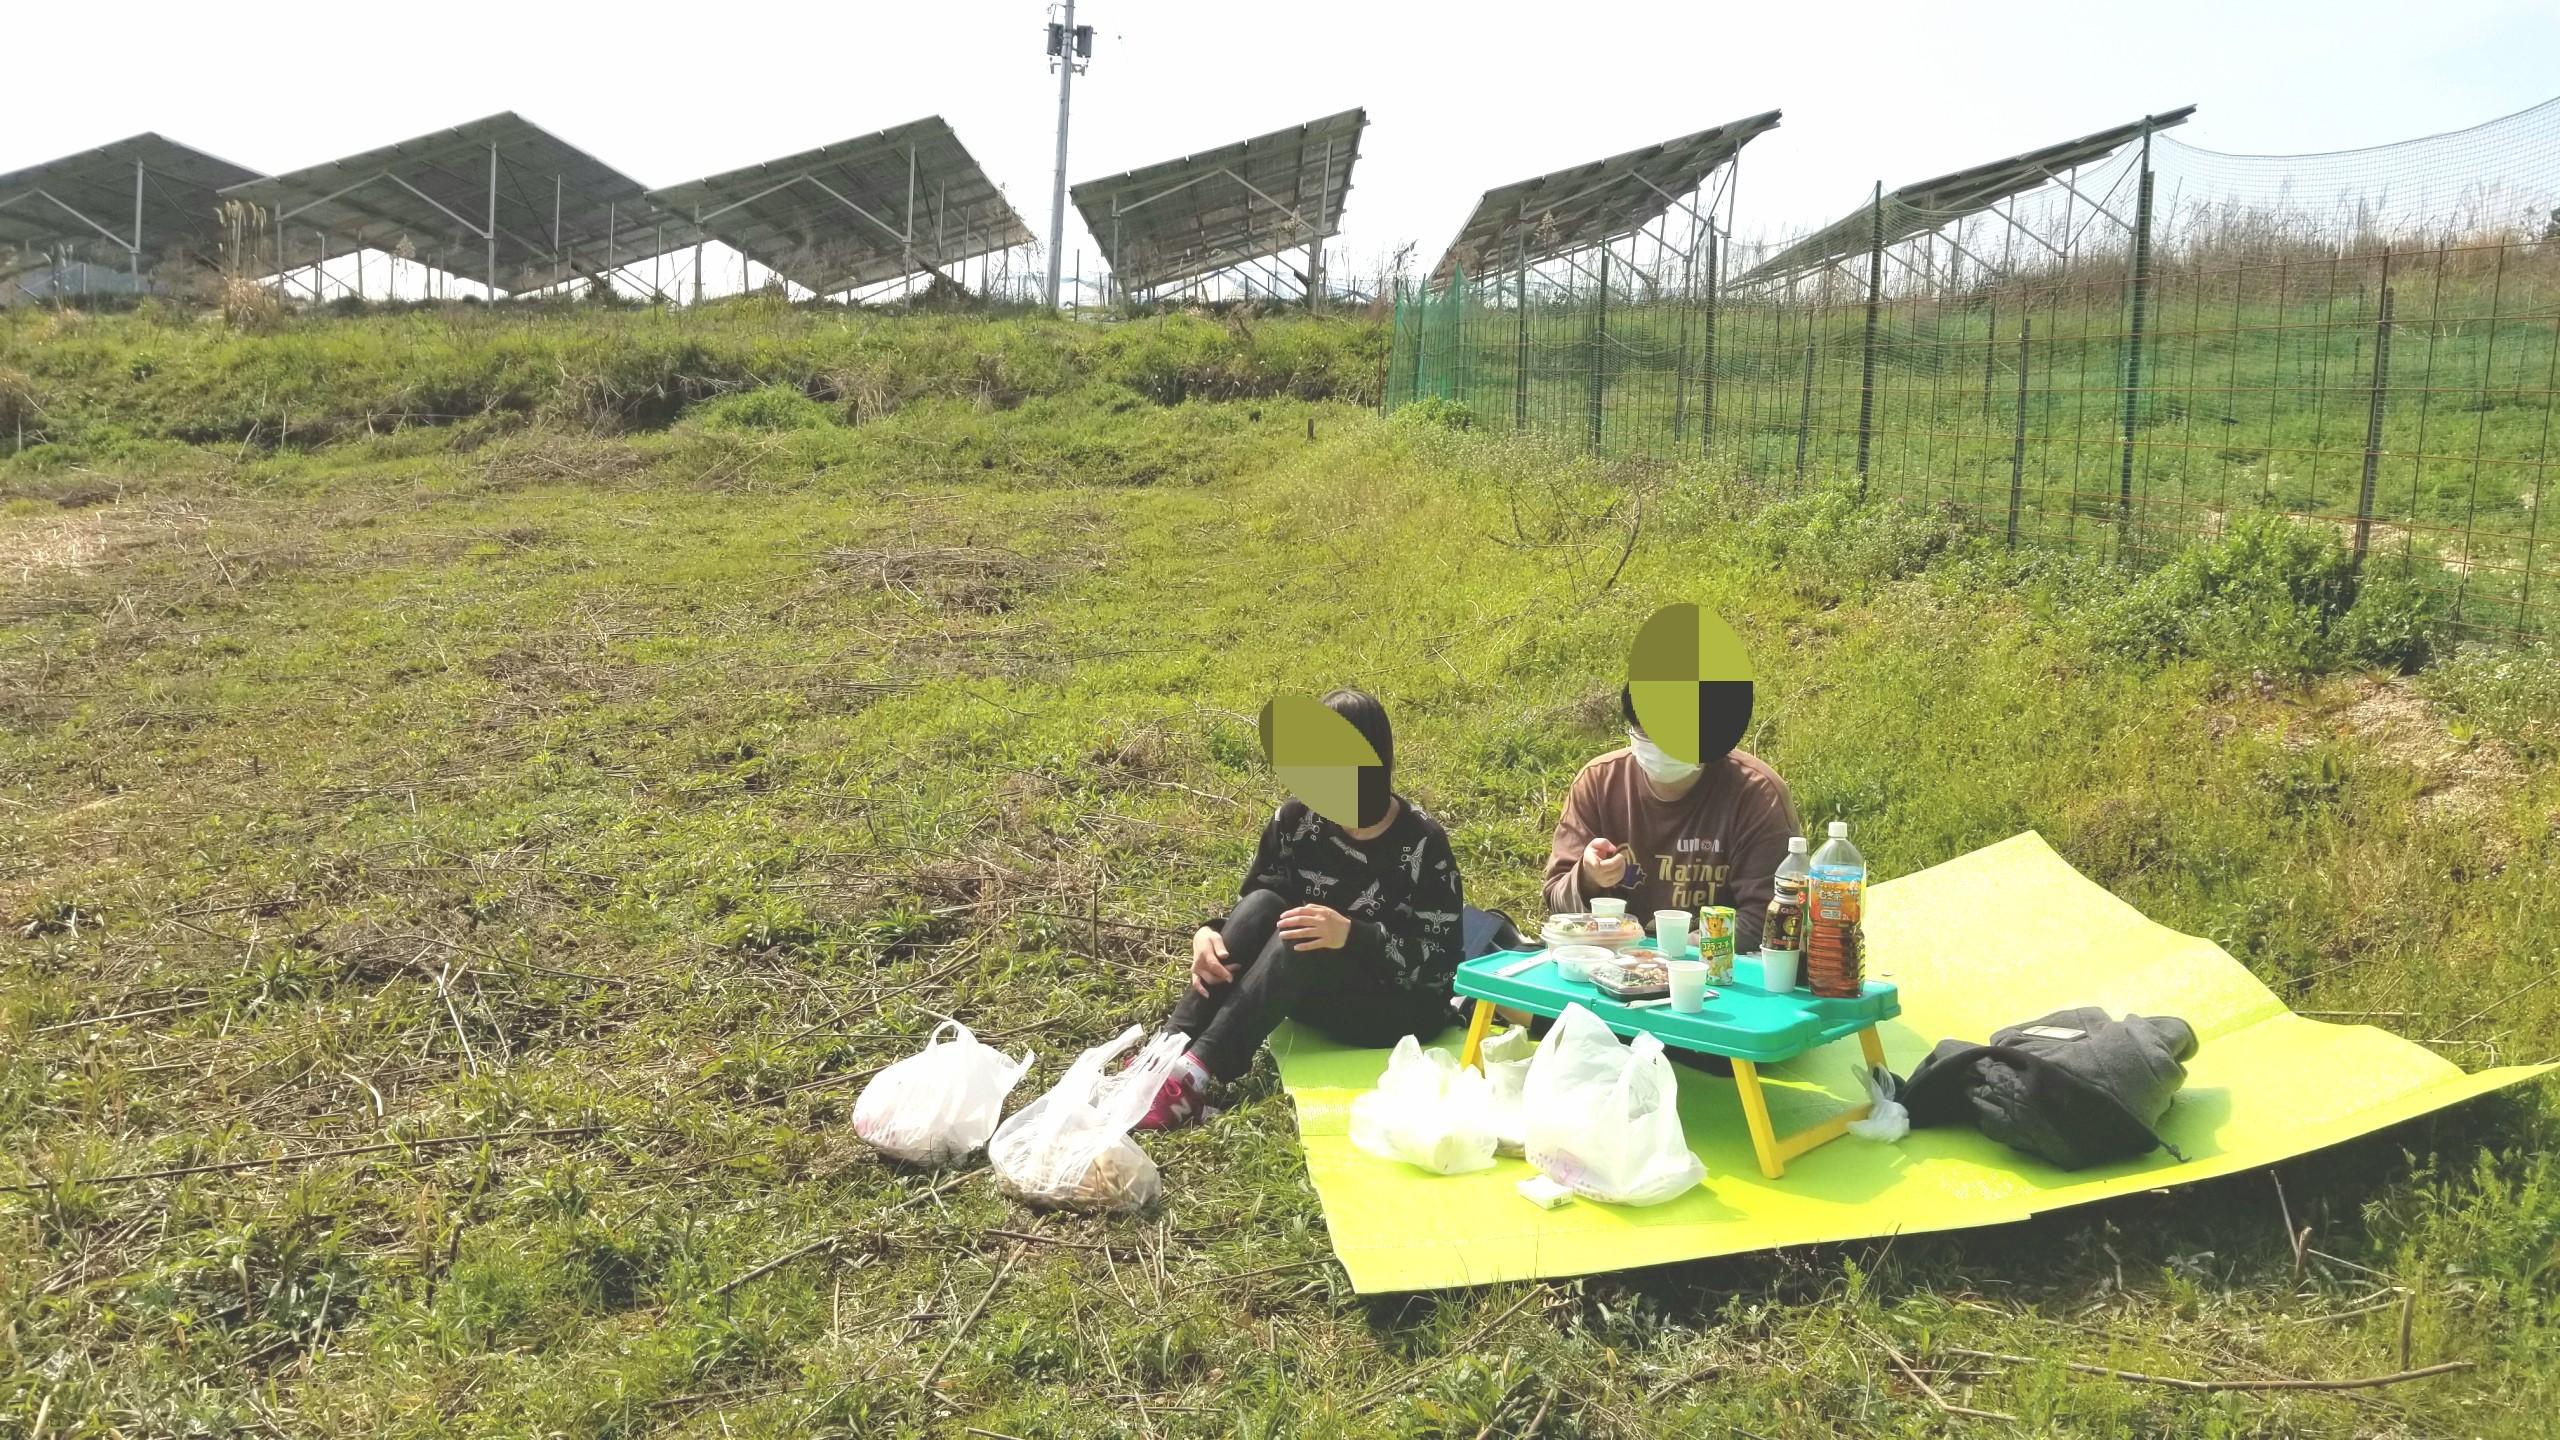 山でピクニック,楽しい大好き,自然の空気,お弁当おいしい,つくし採り